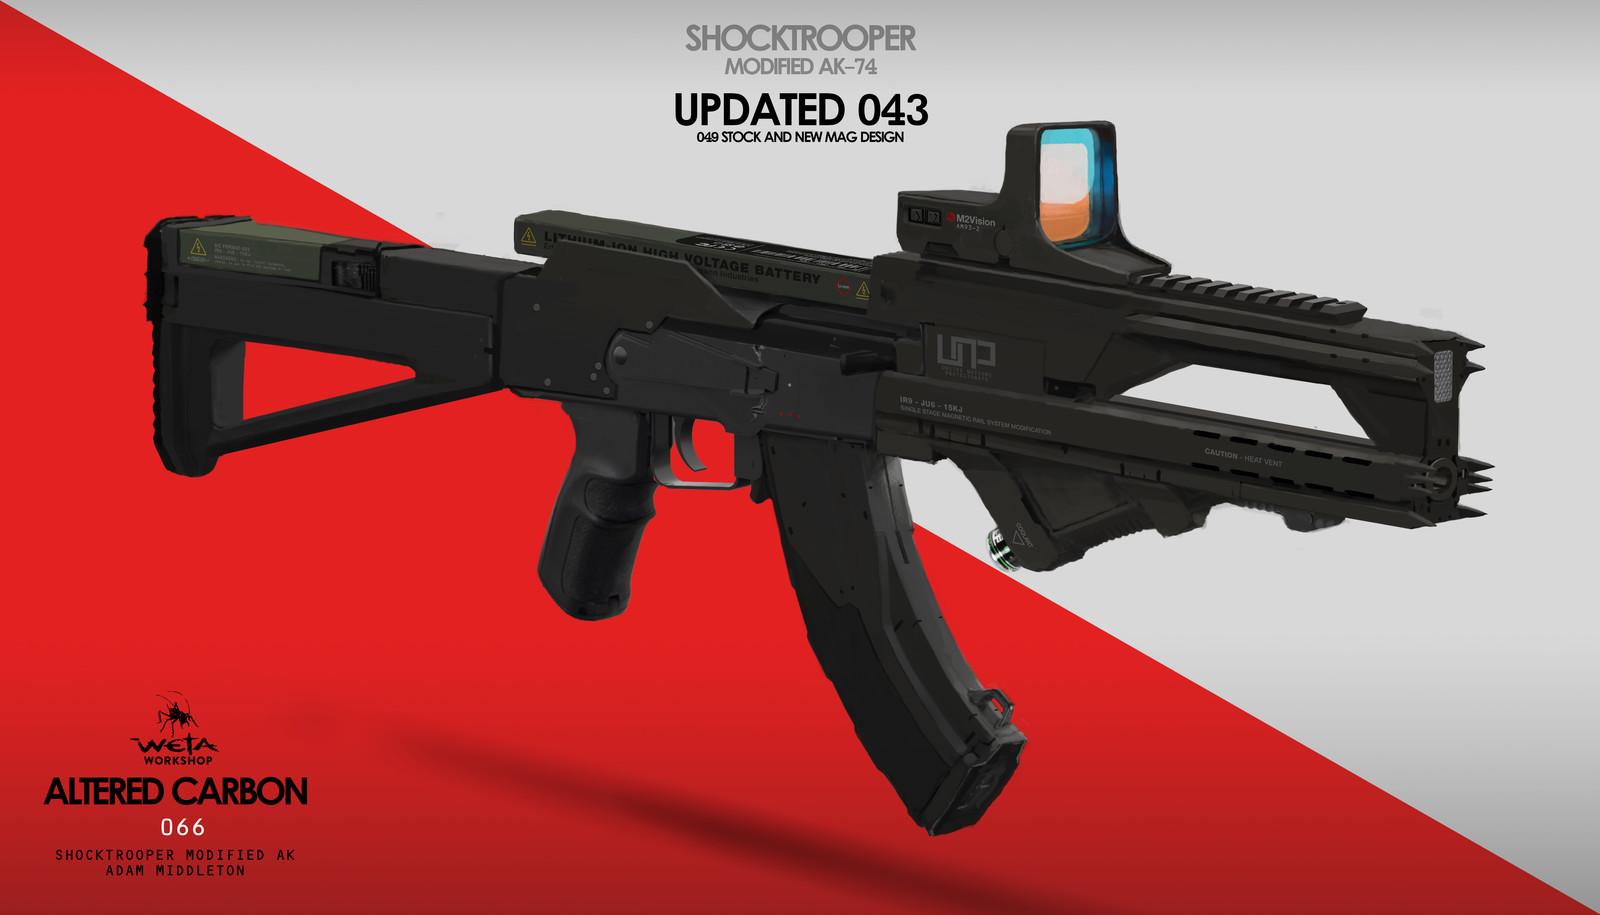 Shock Trooper Modified AK-47